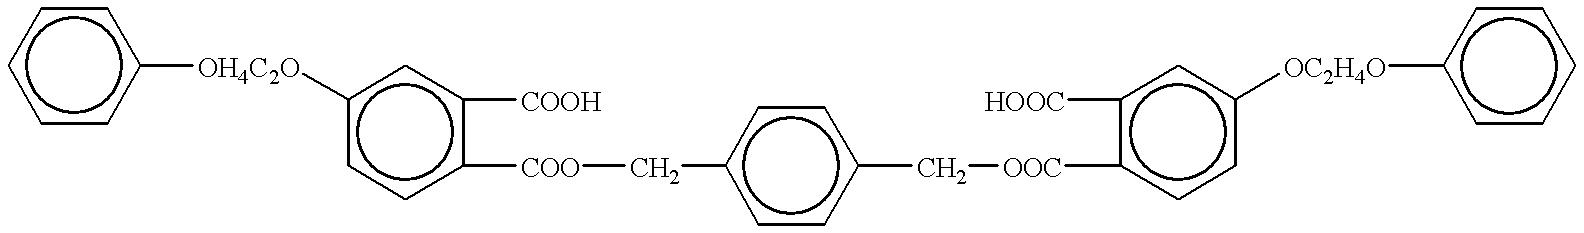 Figure US06180560-20010130-C00344